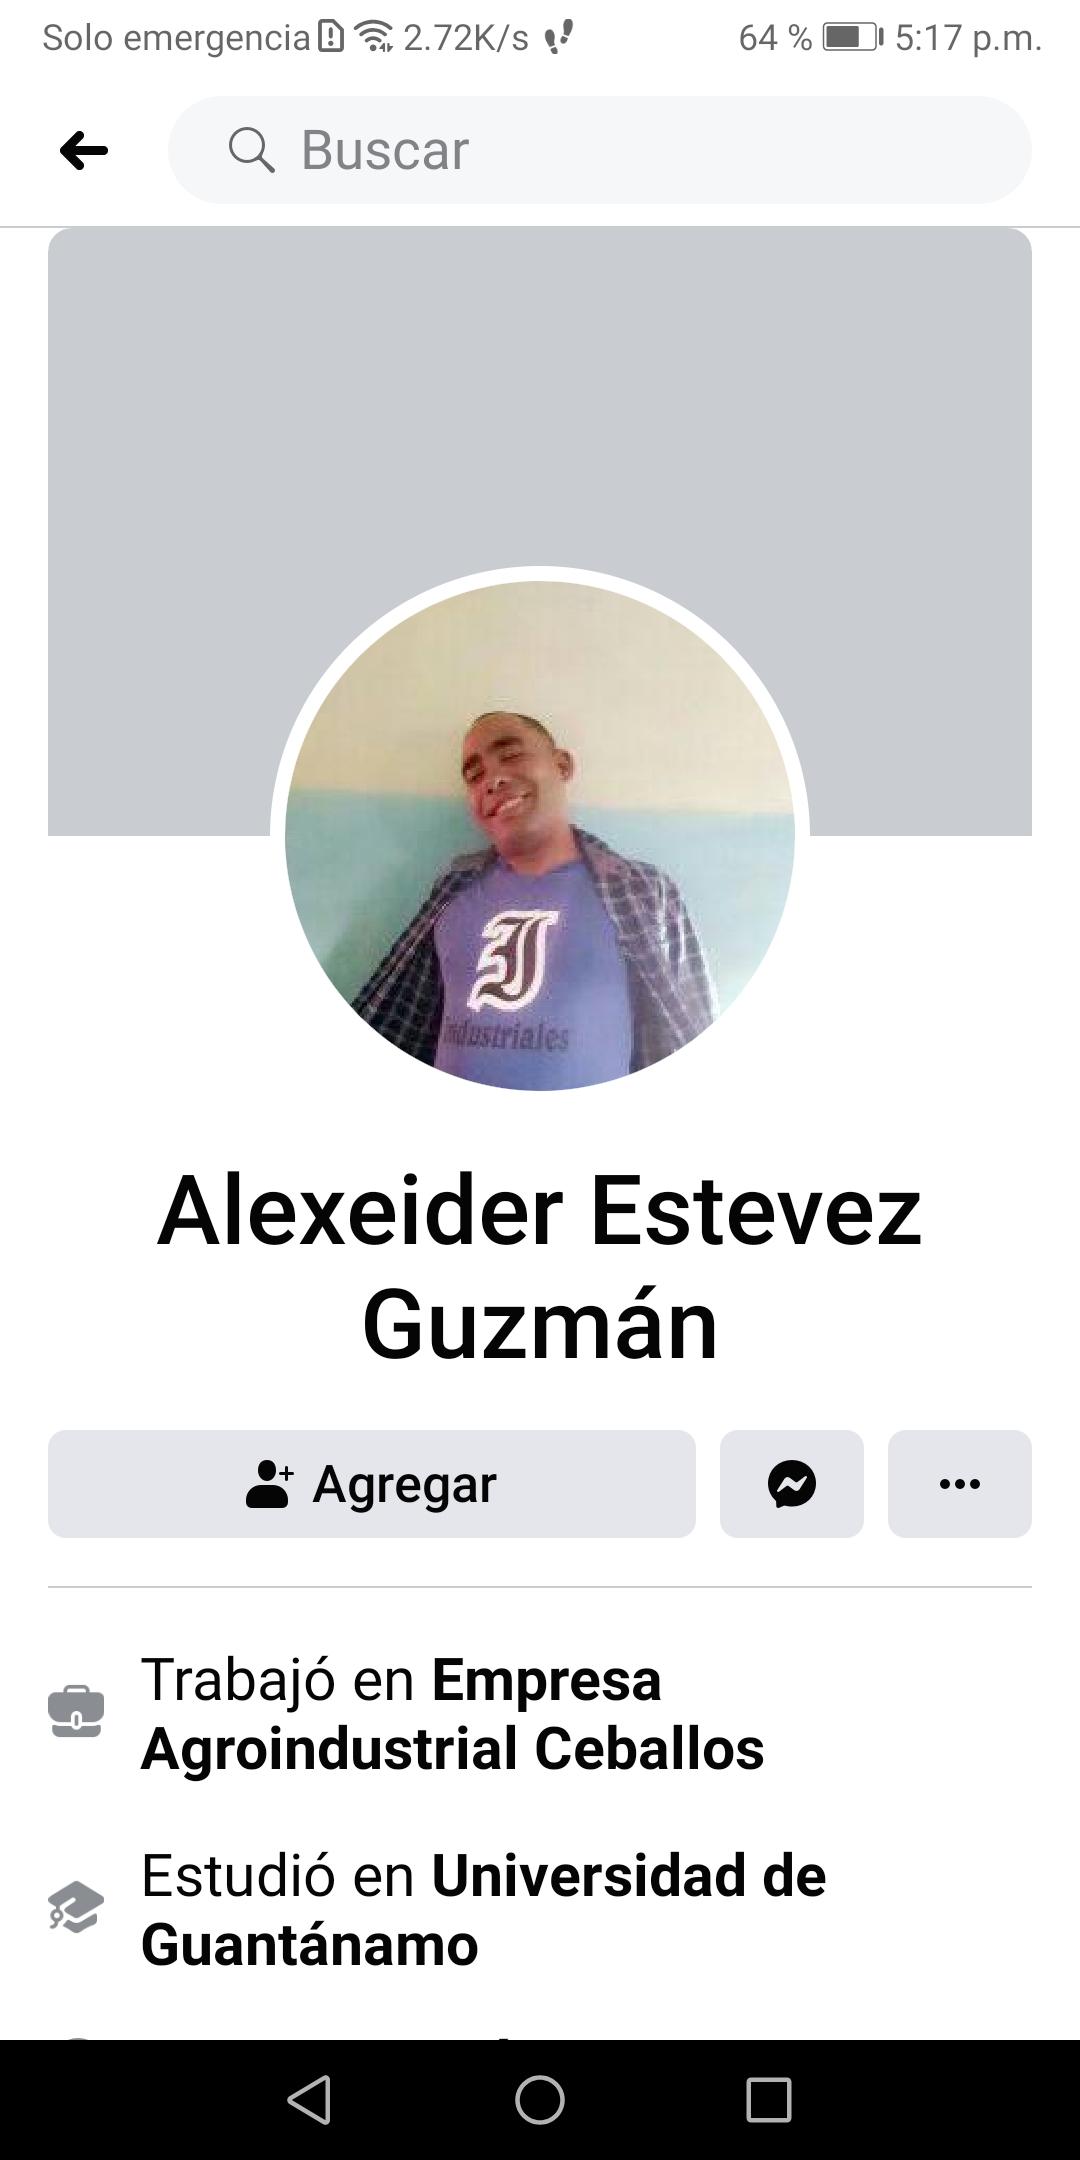 Alexeider Estévez Guzmán